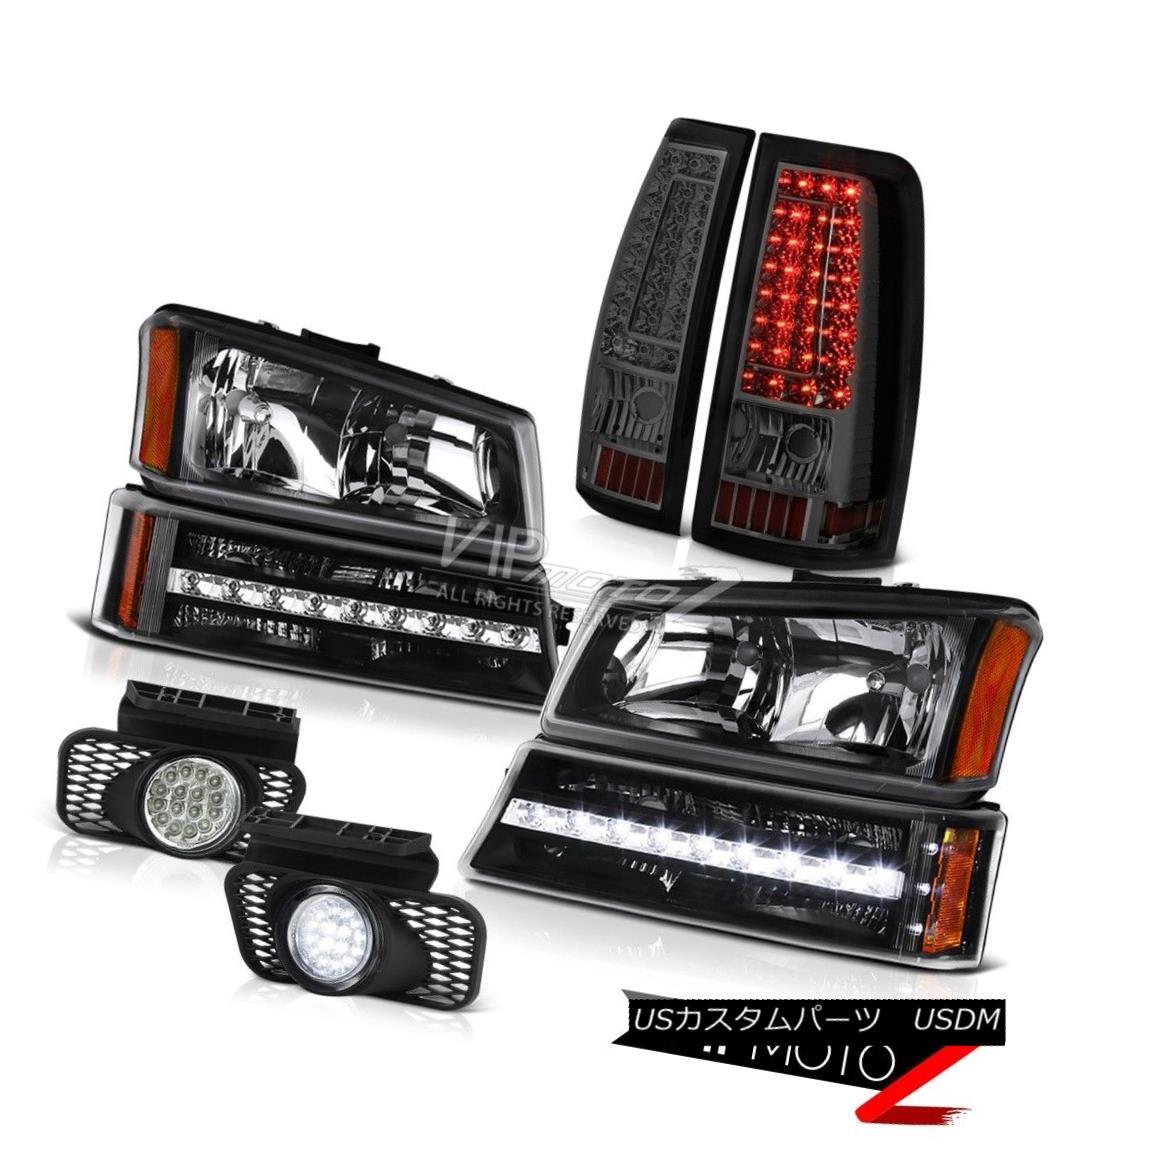 ヘッドライト 03 04 05 06 Silverado 2500Hd Foglamps Smokey Tail Lights Bumper Lamp Headlights 03 04 05 06 Silverado 2500Hdフォグランプスモークテールライトバンパーランプヘッドライト